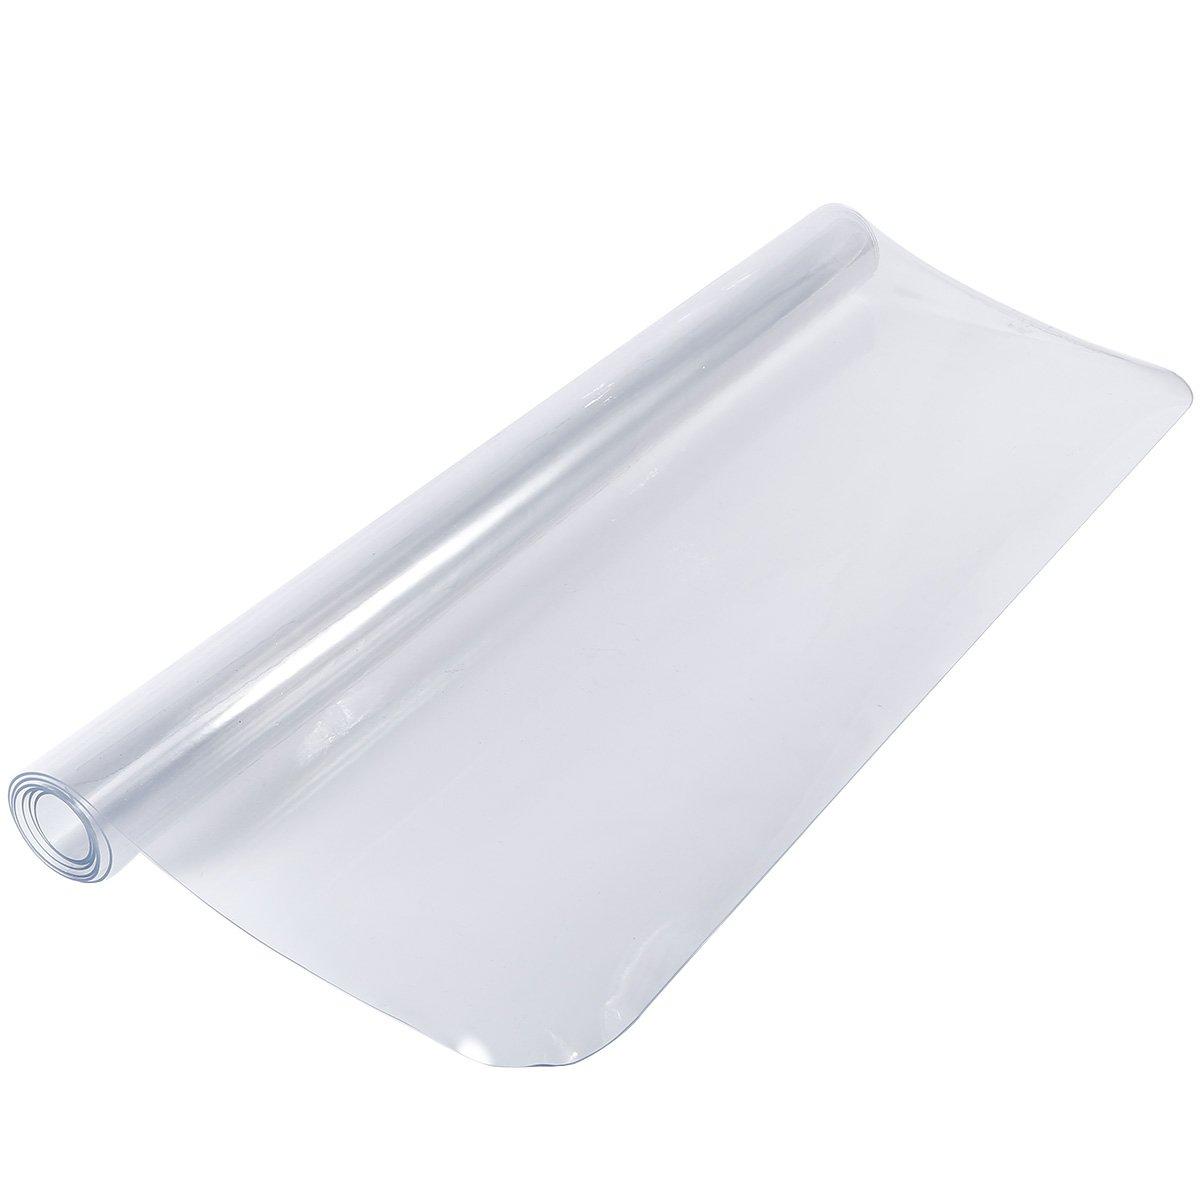 Anladia - Tappetino protettivo in PVC, trasparente, da 1,2m, antiscivolo, per ufficio, sedia o scrivania, 90 x 120 x 0.15cm